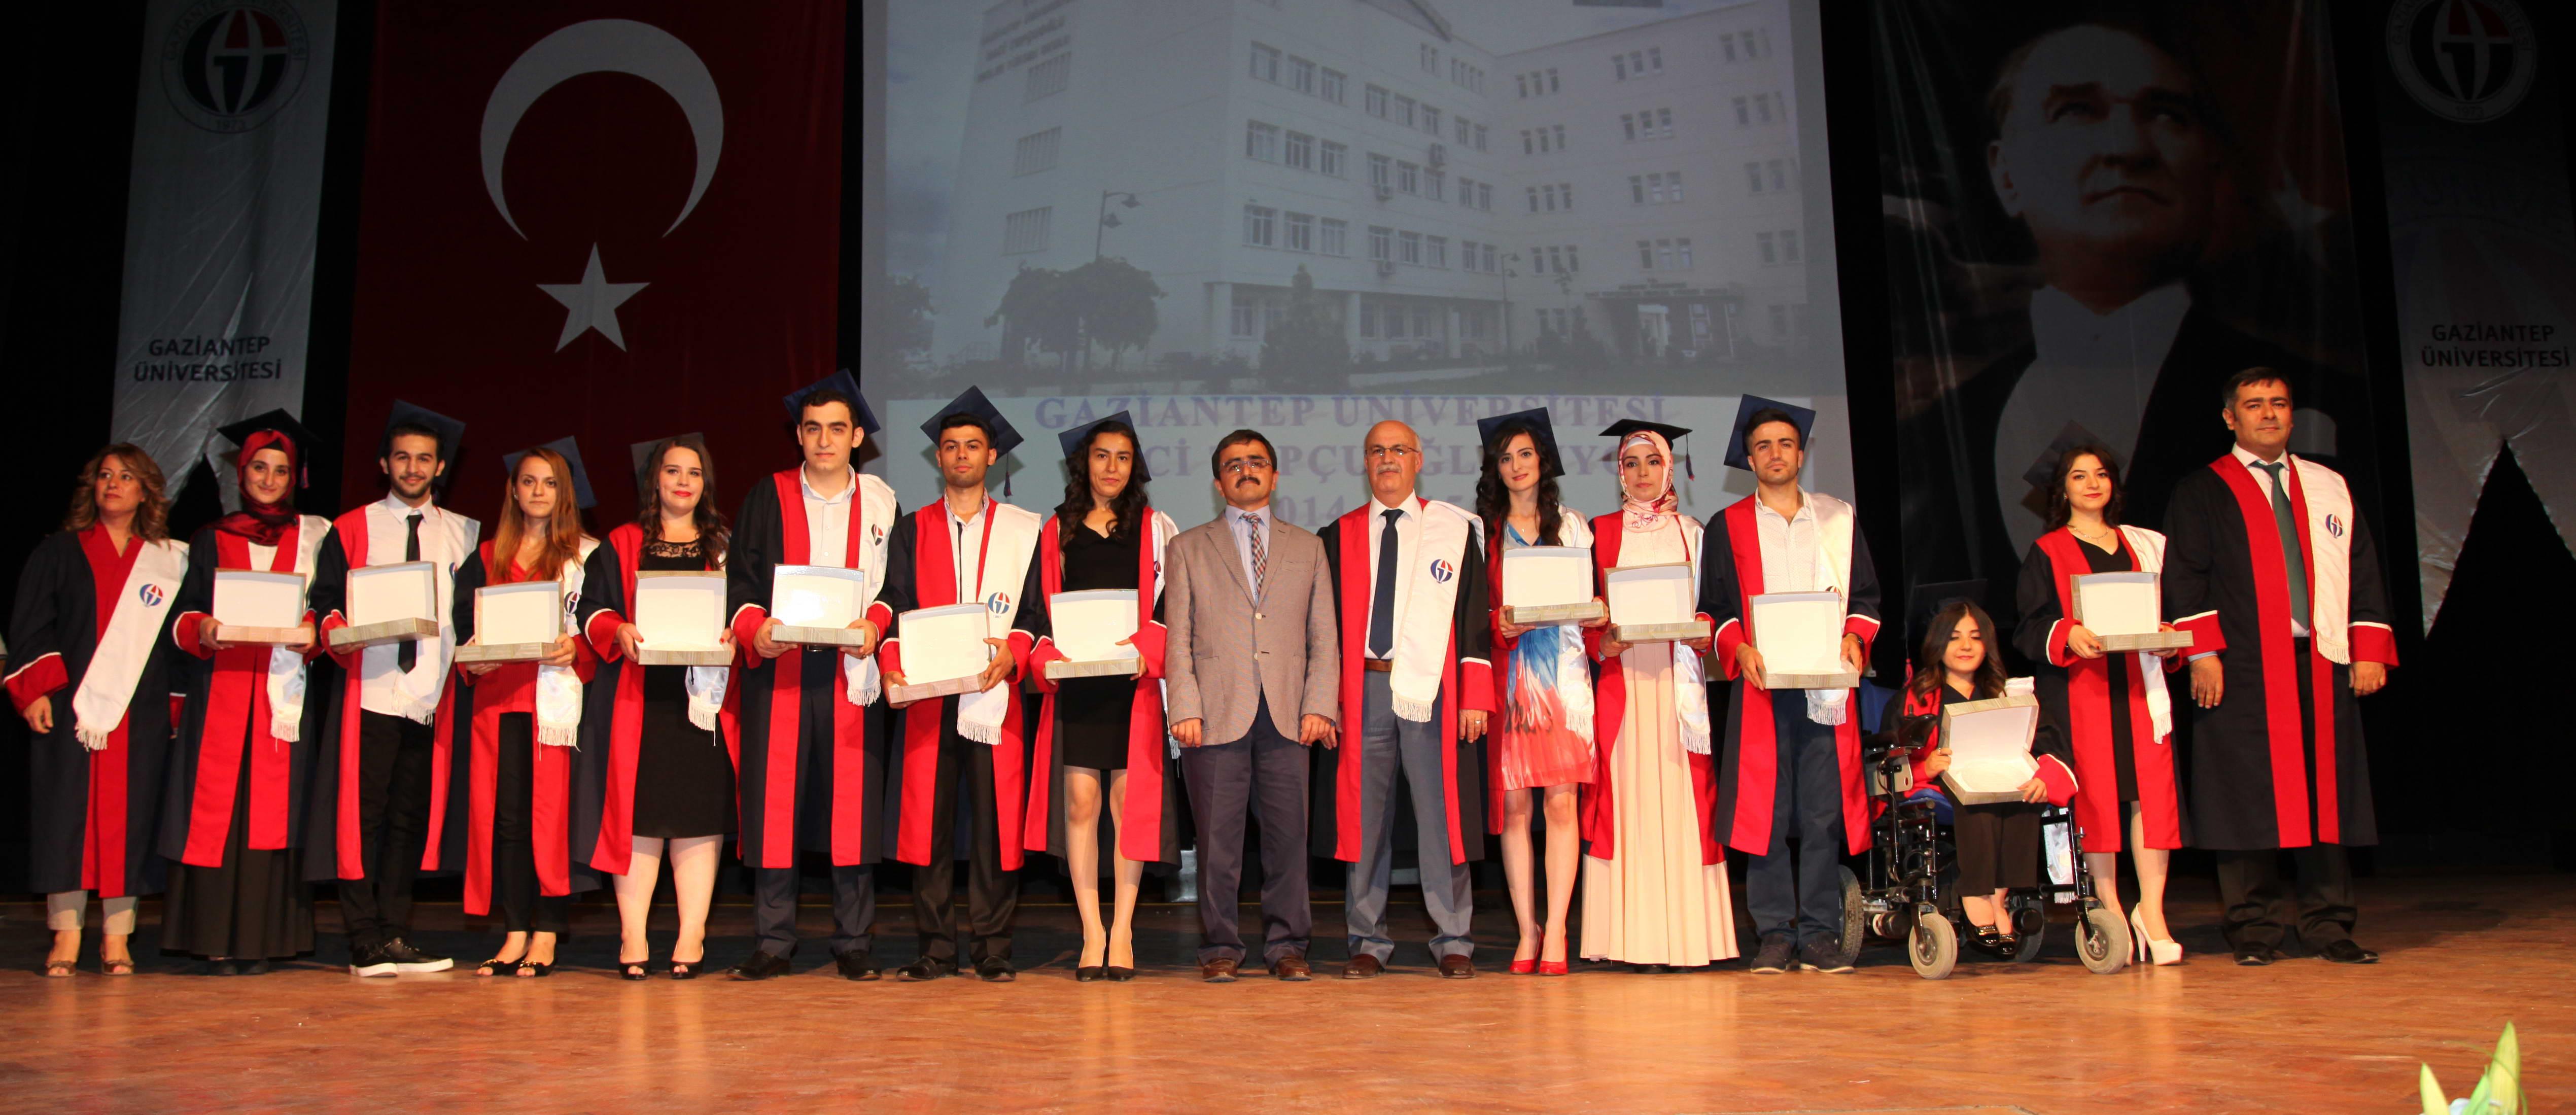 Naci Topçuoğlu Meslek Yüksekokulu Yedinci Dönem Mezunlarını Verdi -  (8)